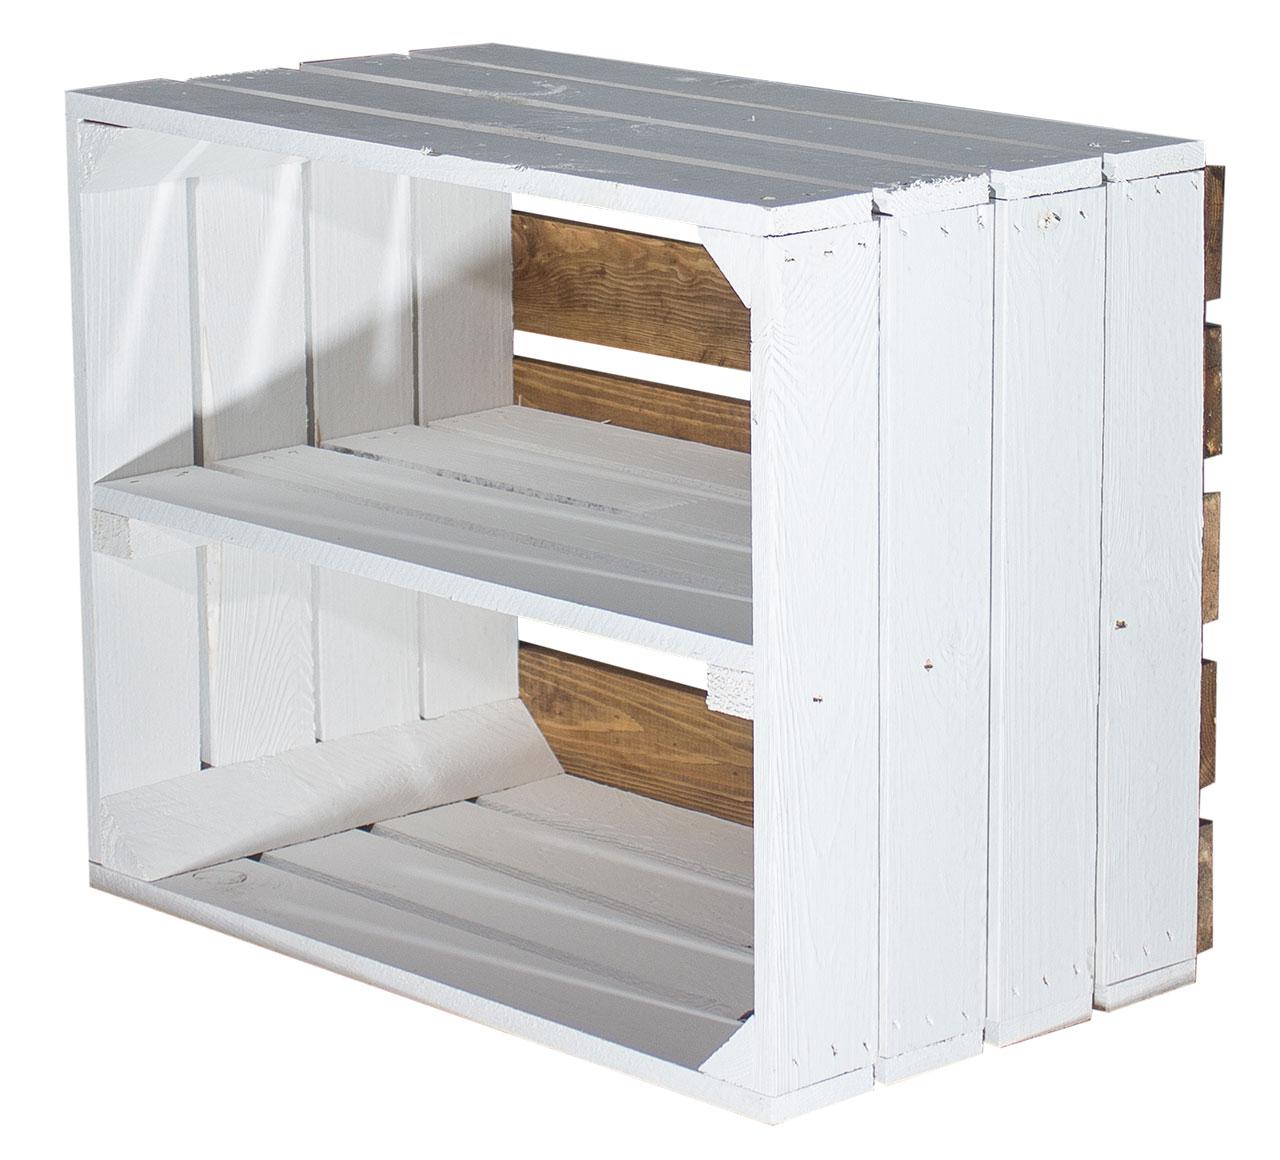 Weißes Regal - Apfelkiste Weißer Boden 50x40x30cm